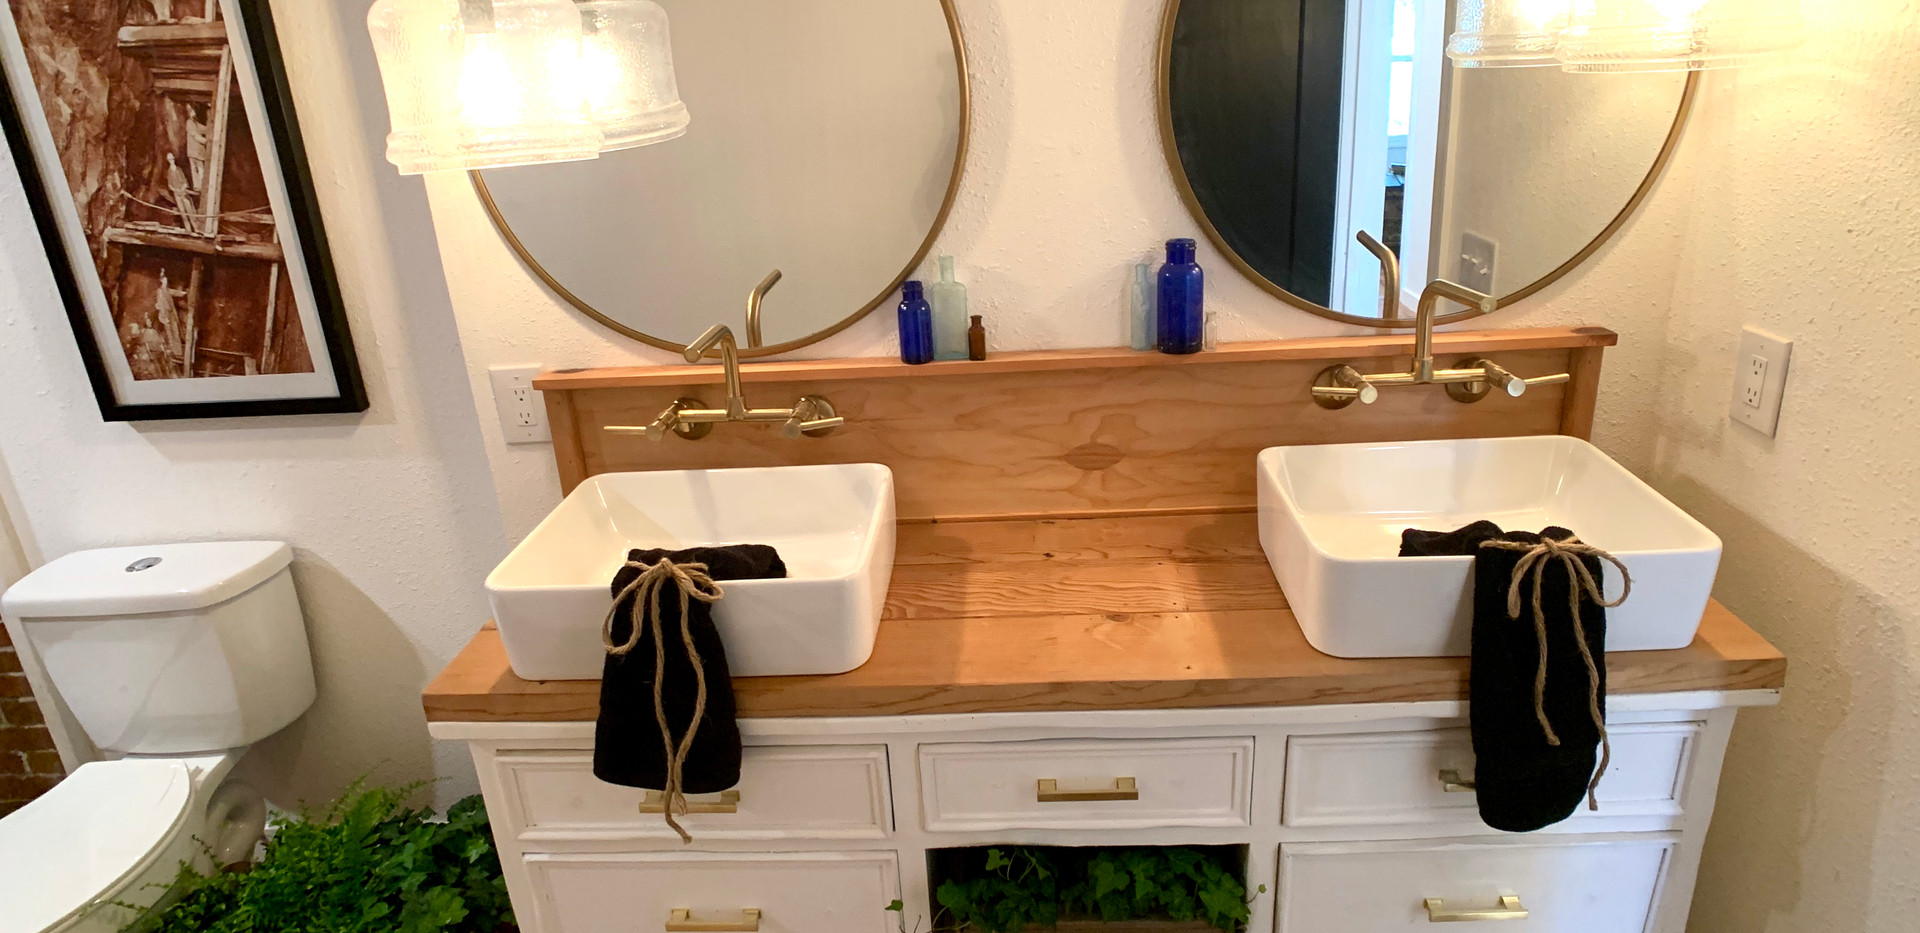 Custom Vanity in second bathroom